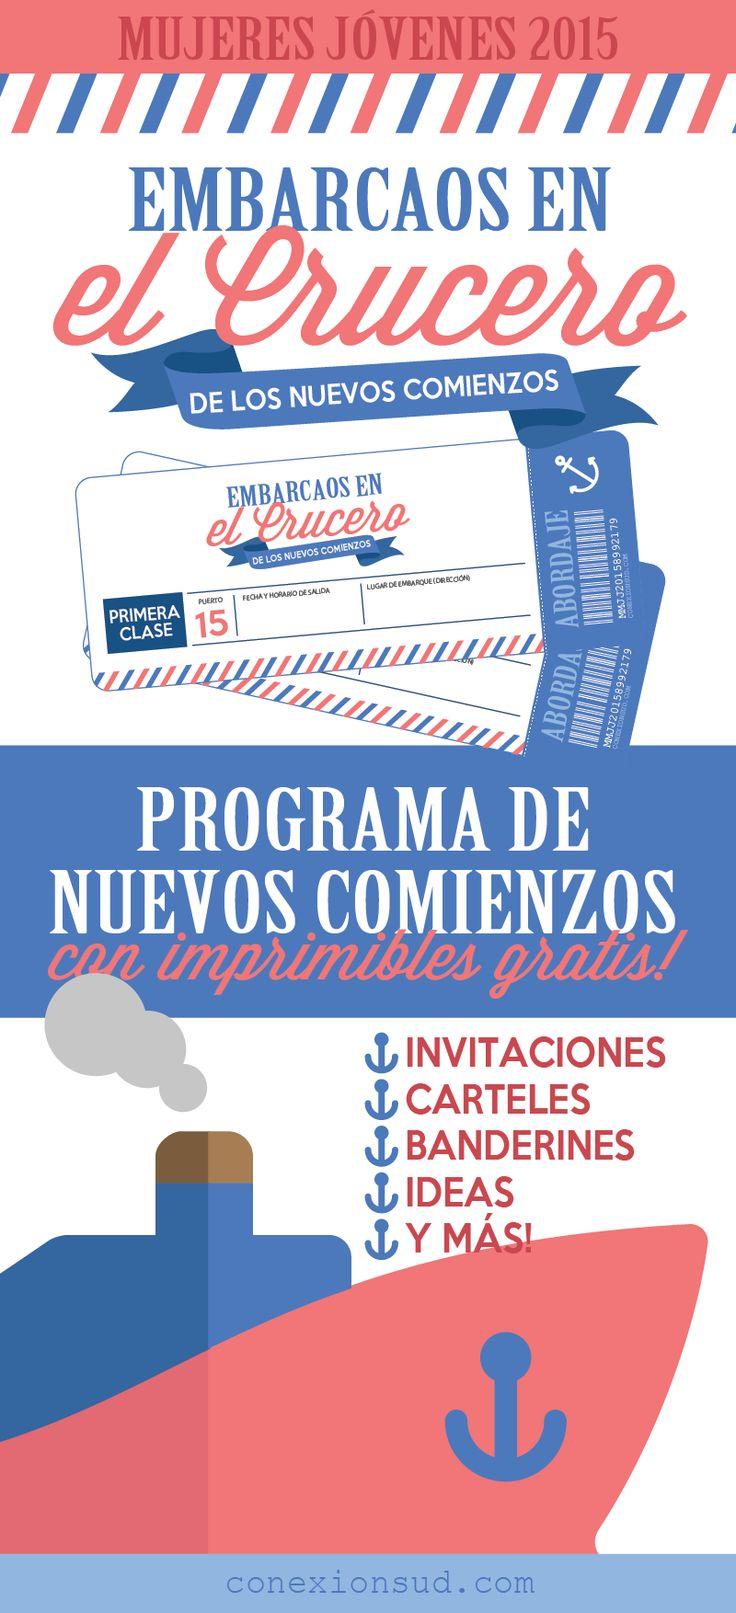 Minuta y muchas ideas para el programa de Nuevos Comienzos Mujeres Jovenes SUD con el lema de la mutual 2015